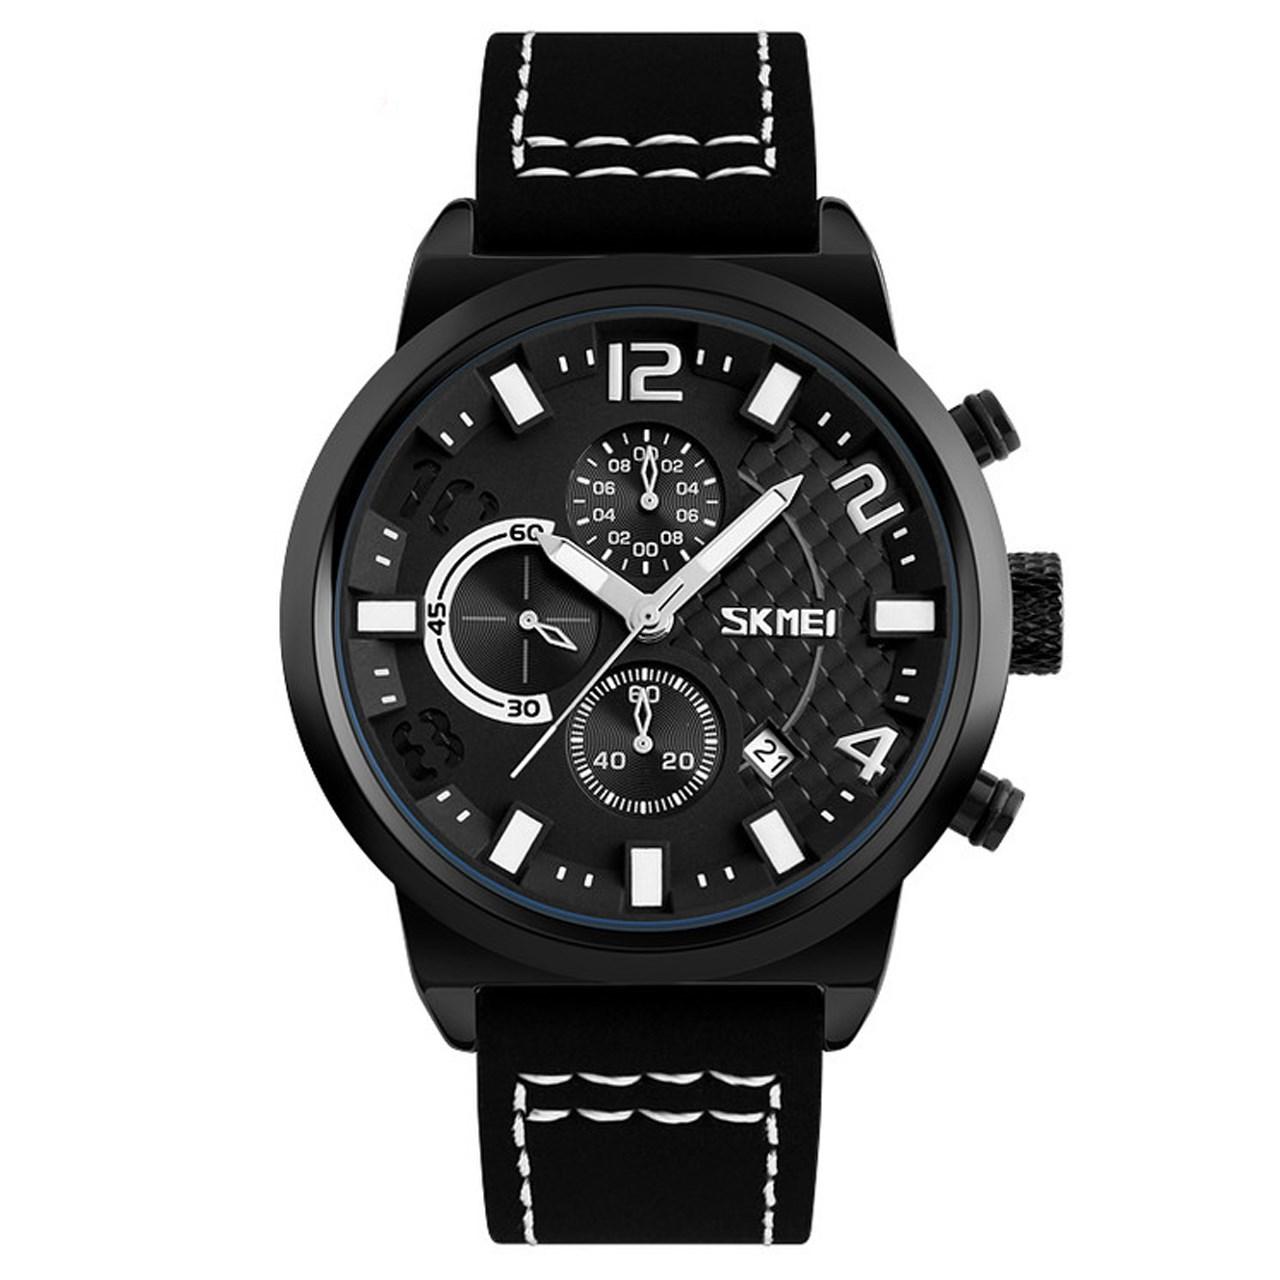 ساعت مچی عقربه ای مردانه اسکمی مدل S9149/White              ارزان